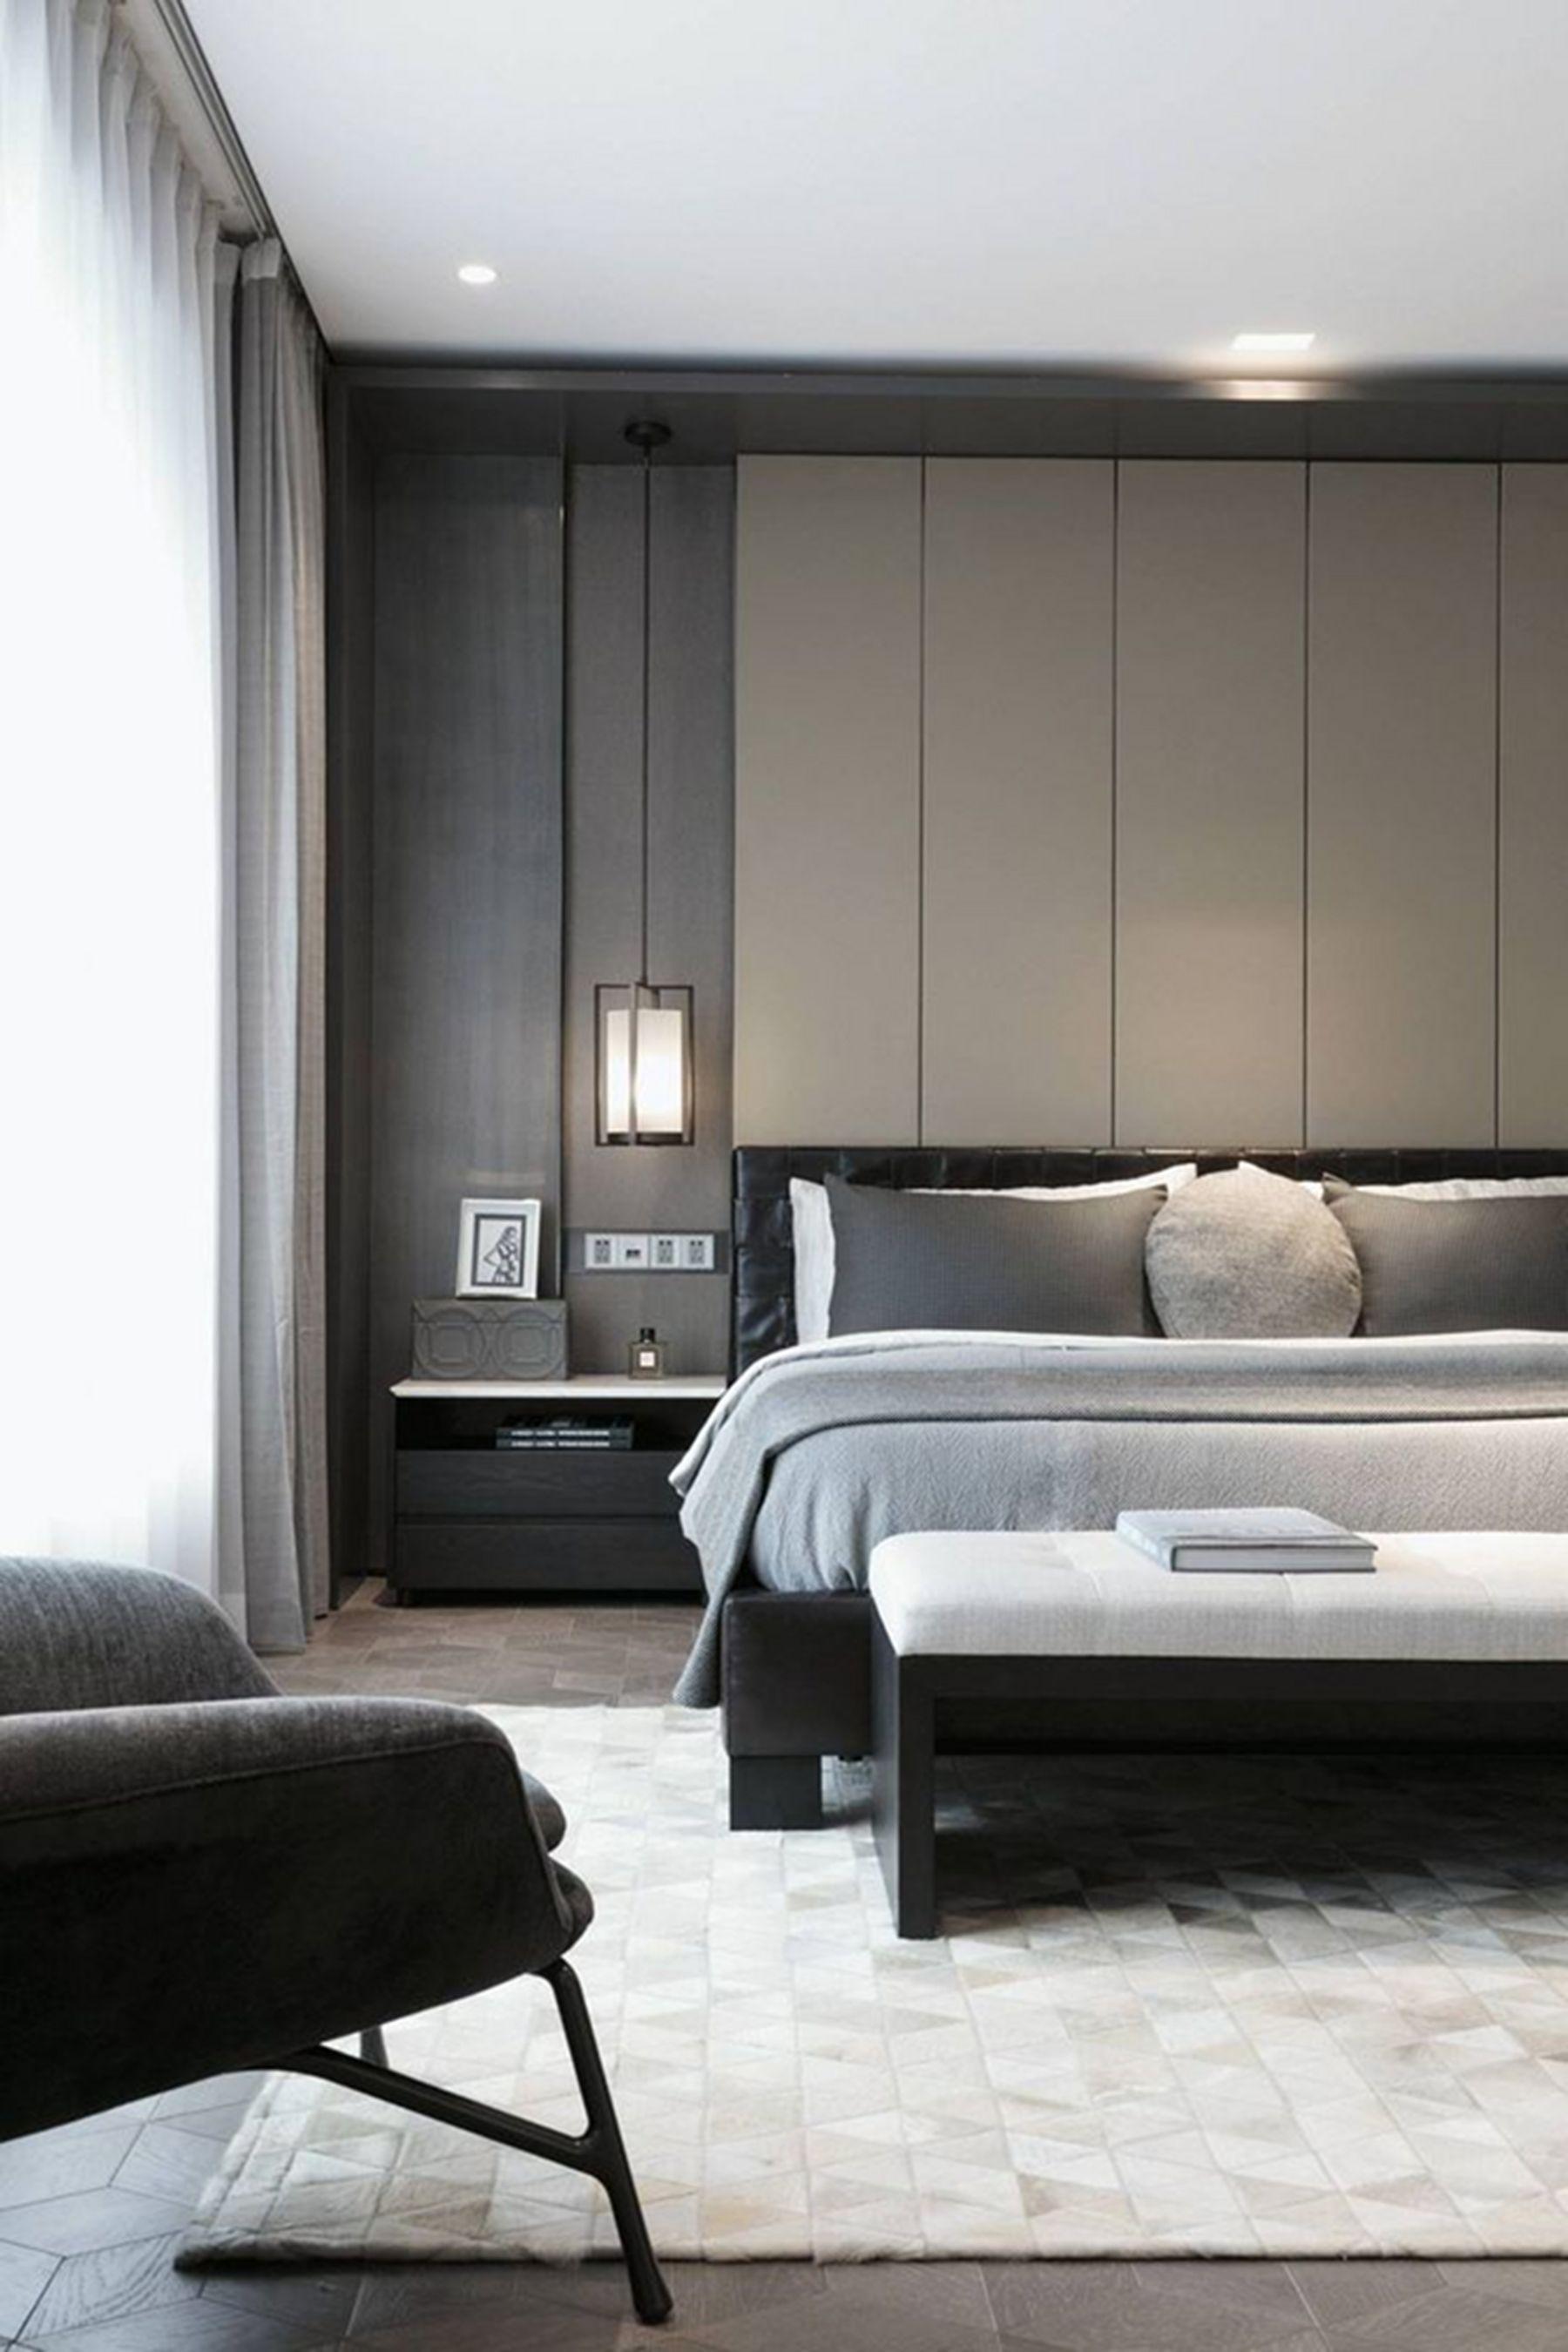 15 Elegant Minimalist Bedroom Decoration Ideas To Make It Comfortable Sleep Bedroom Interior Luxurious Bedrooms Bedroom Design Elegant minimalist luxury room